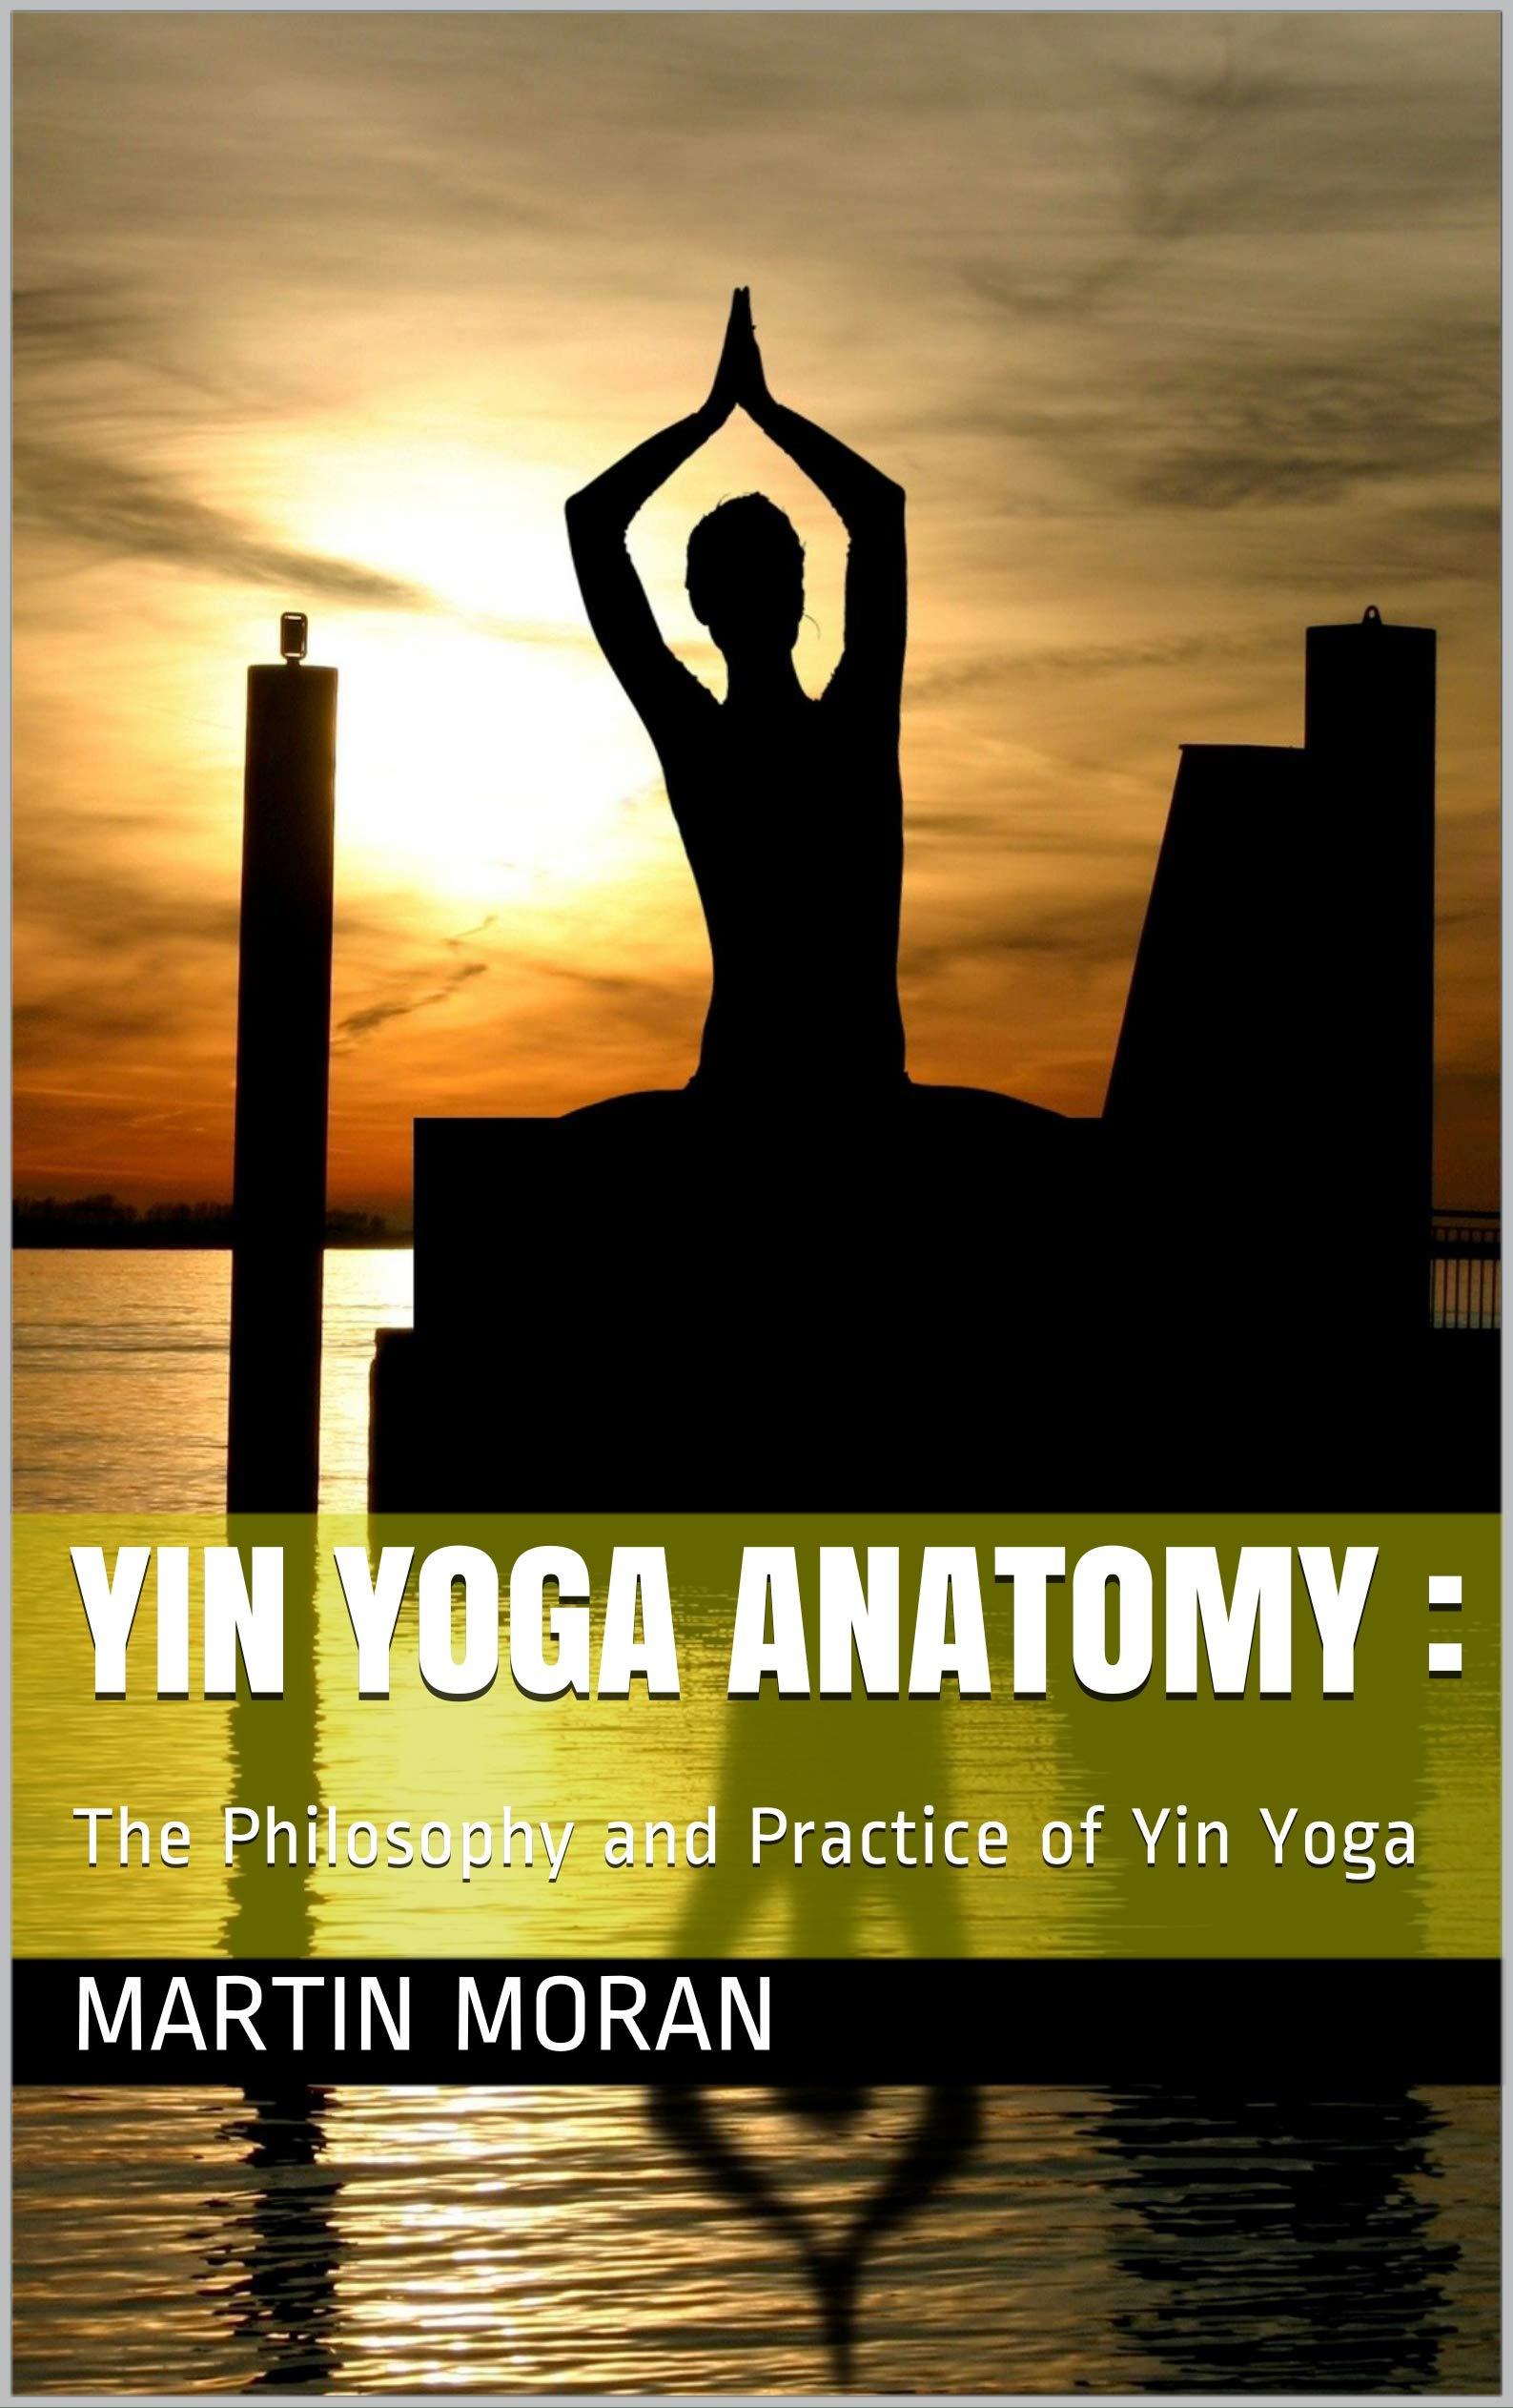 Yin Yoga Anatomy :: The Philosophy and Practice of Yin Yoga